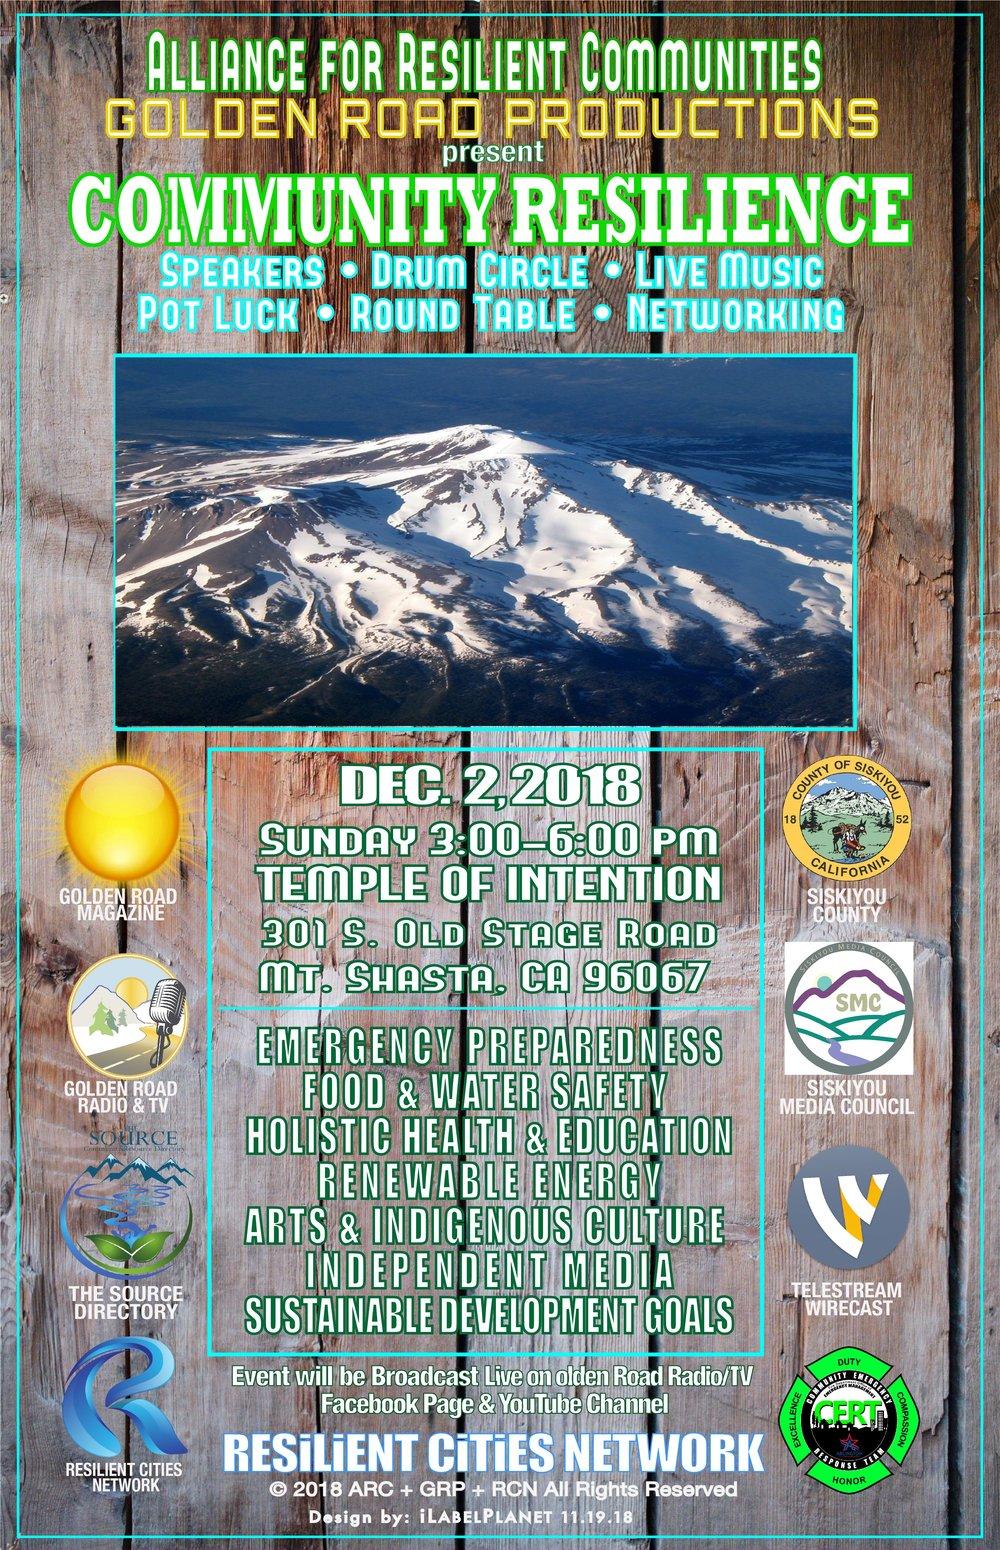 Shasta-Poster.2.jpg